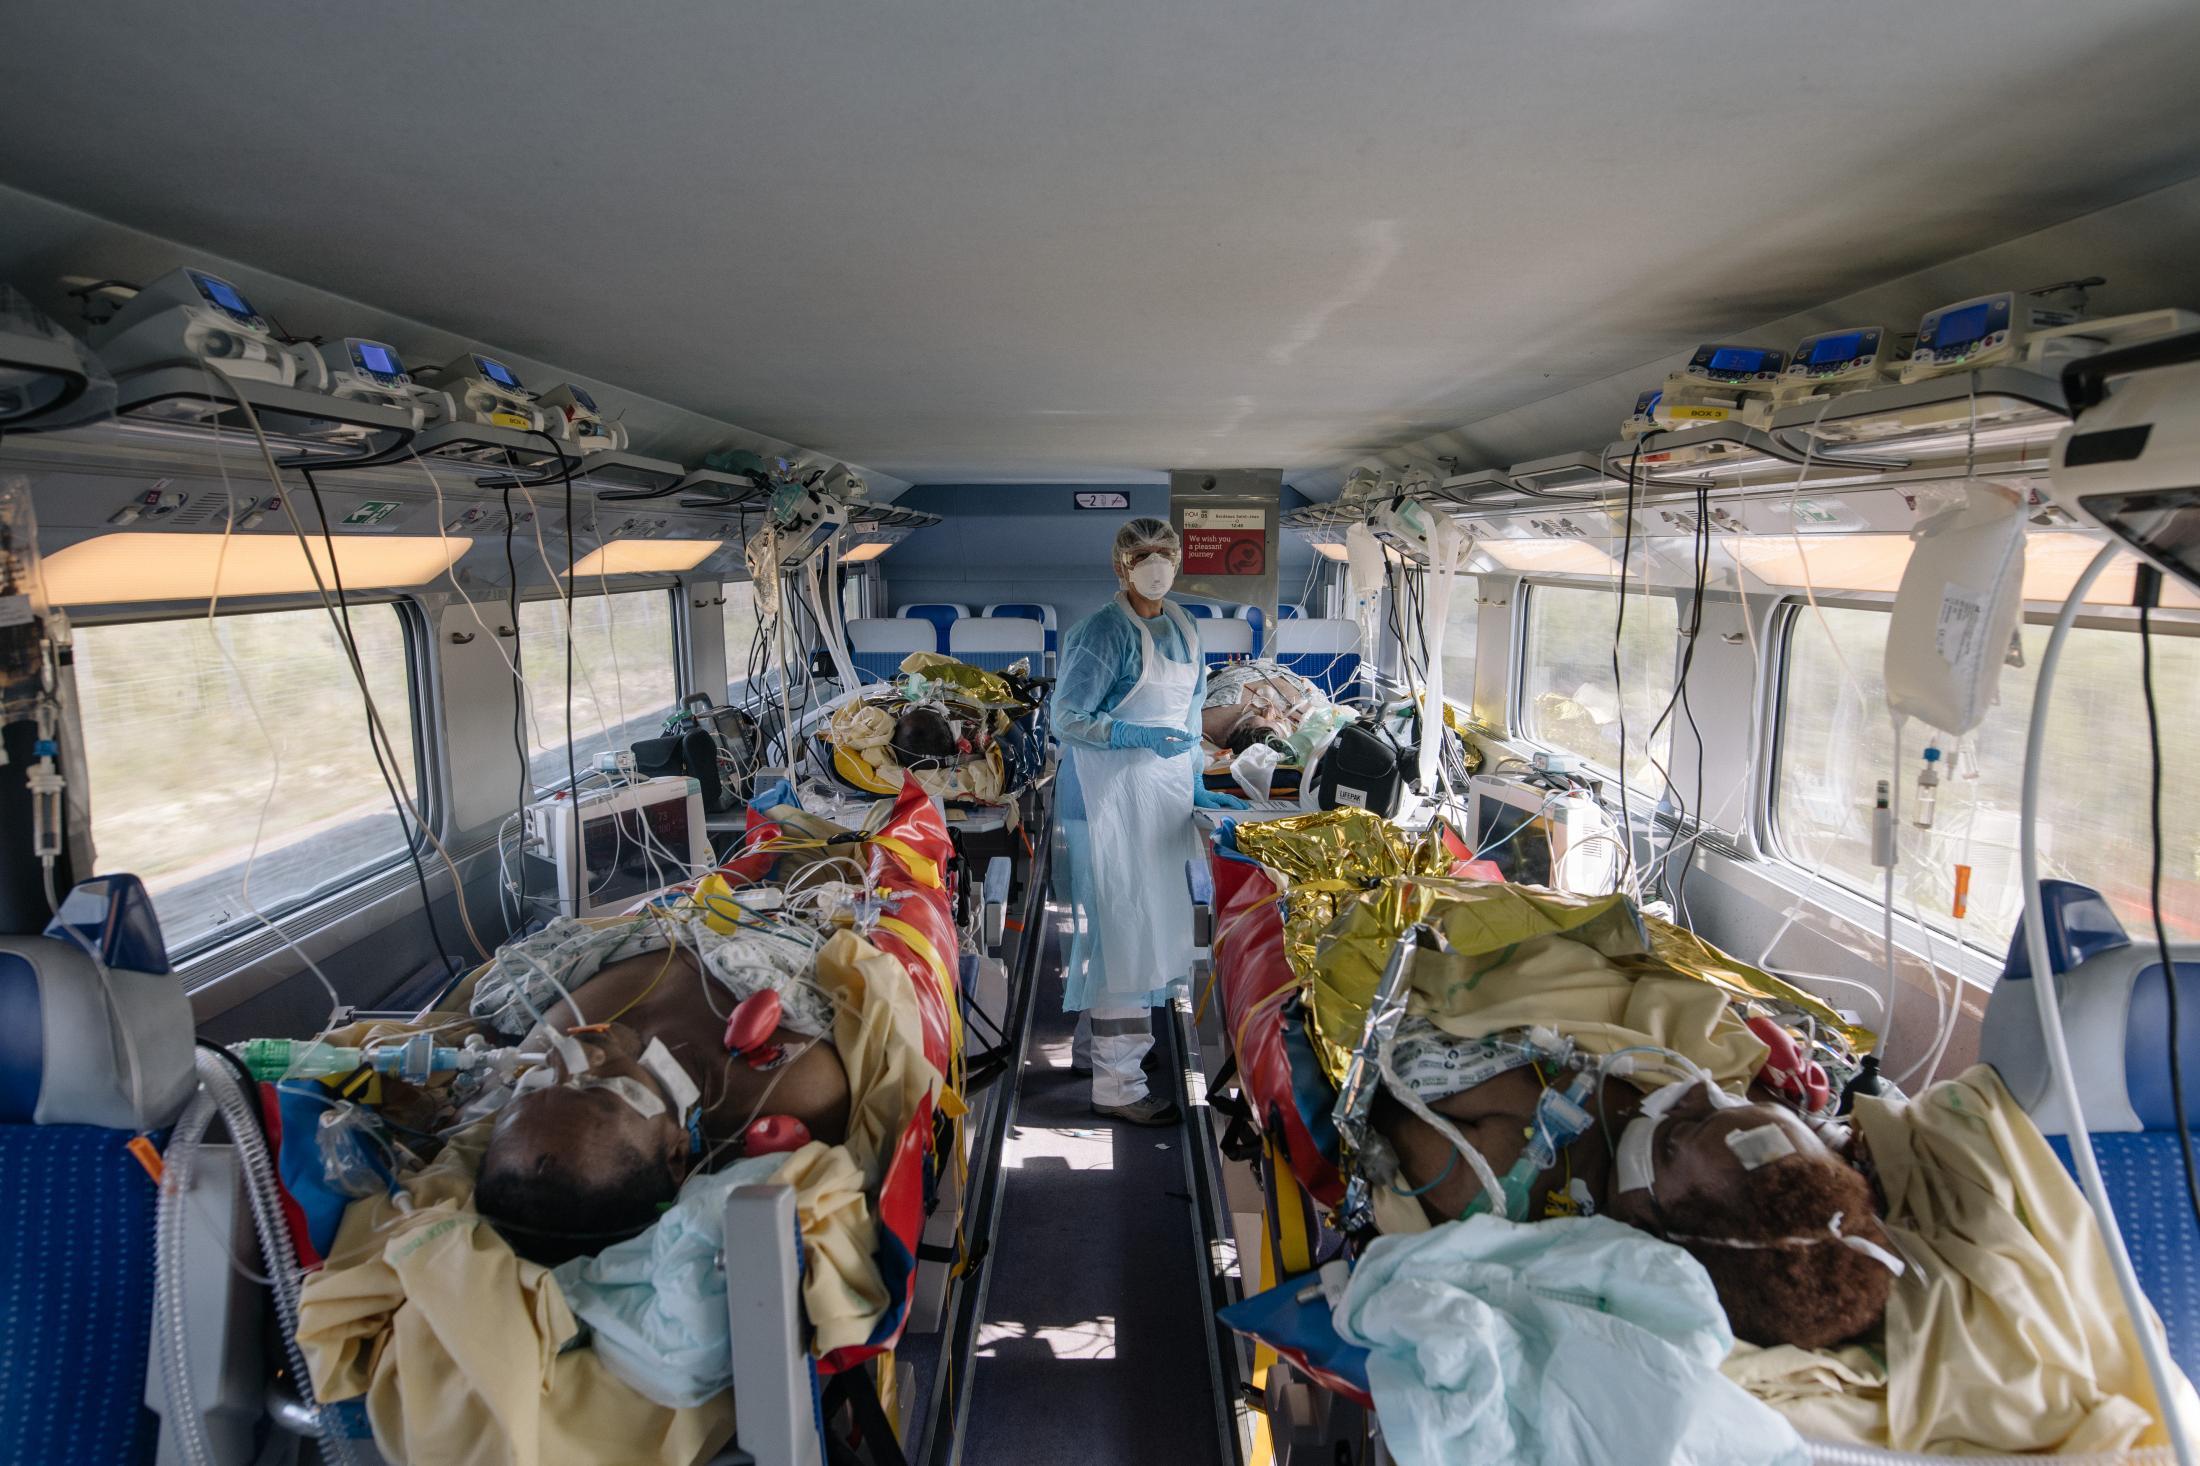 Opération Chardon. Le 10 avril 2020. En tout, 45 victimes du Covid_19 de toute l'île de France, sont transferées dans deux TGV en direction de Bordeaux et de Poitiers. L'objectif est de désengorger les hopitaux d'ïle de France saturés de patients en réa à cause du covid-19. L'opération est coordonnée par le SAMU. ( Et la SNCF). Dans le train pour Bordeaux:: les patients sont placés au rez de chaussée de la rame. Pour y entrer, il faut s'équiper. Ils sont 4 par rame. Tous sont intubés. L'électricité dans un train est discontinu. Ils sont tous branchés à un générateur qui prend le relais lorsque l'électricité se coupe.